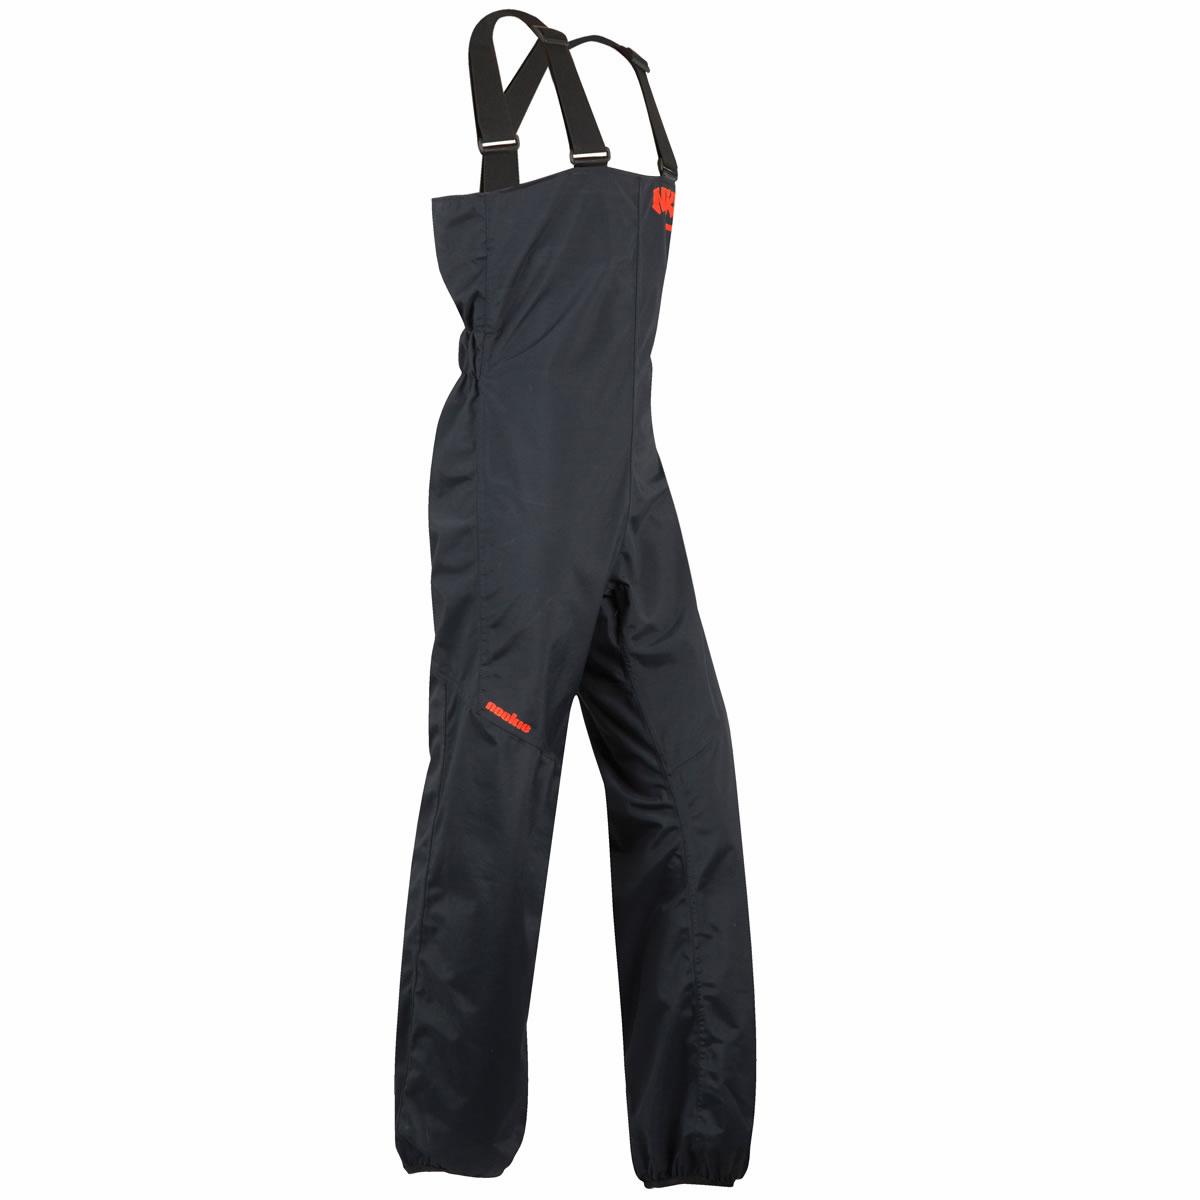 6d4510287 Nookie NKE Centre Salopette Trousers - Waterproof Bib Over Trousers